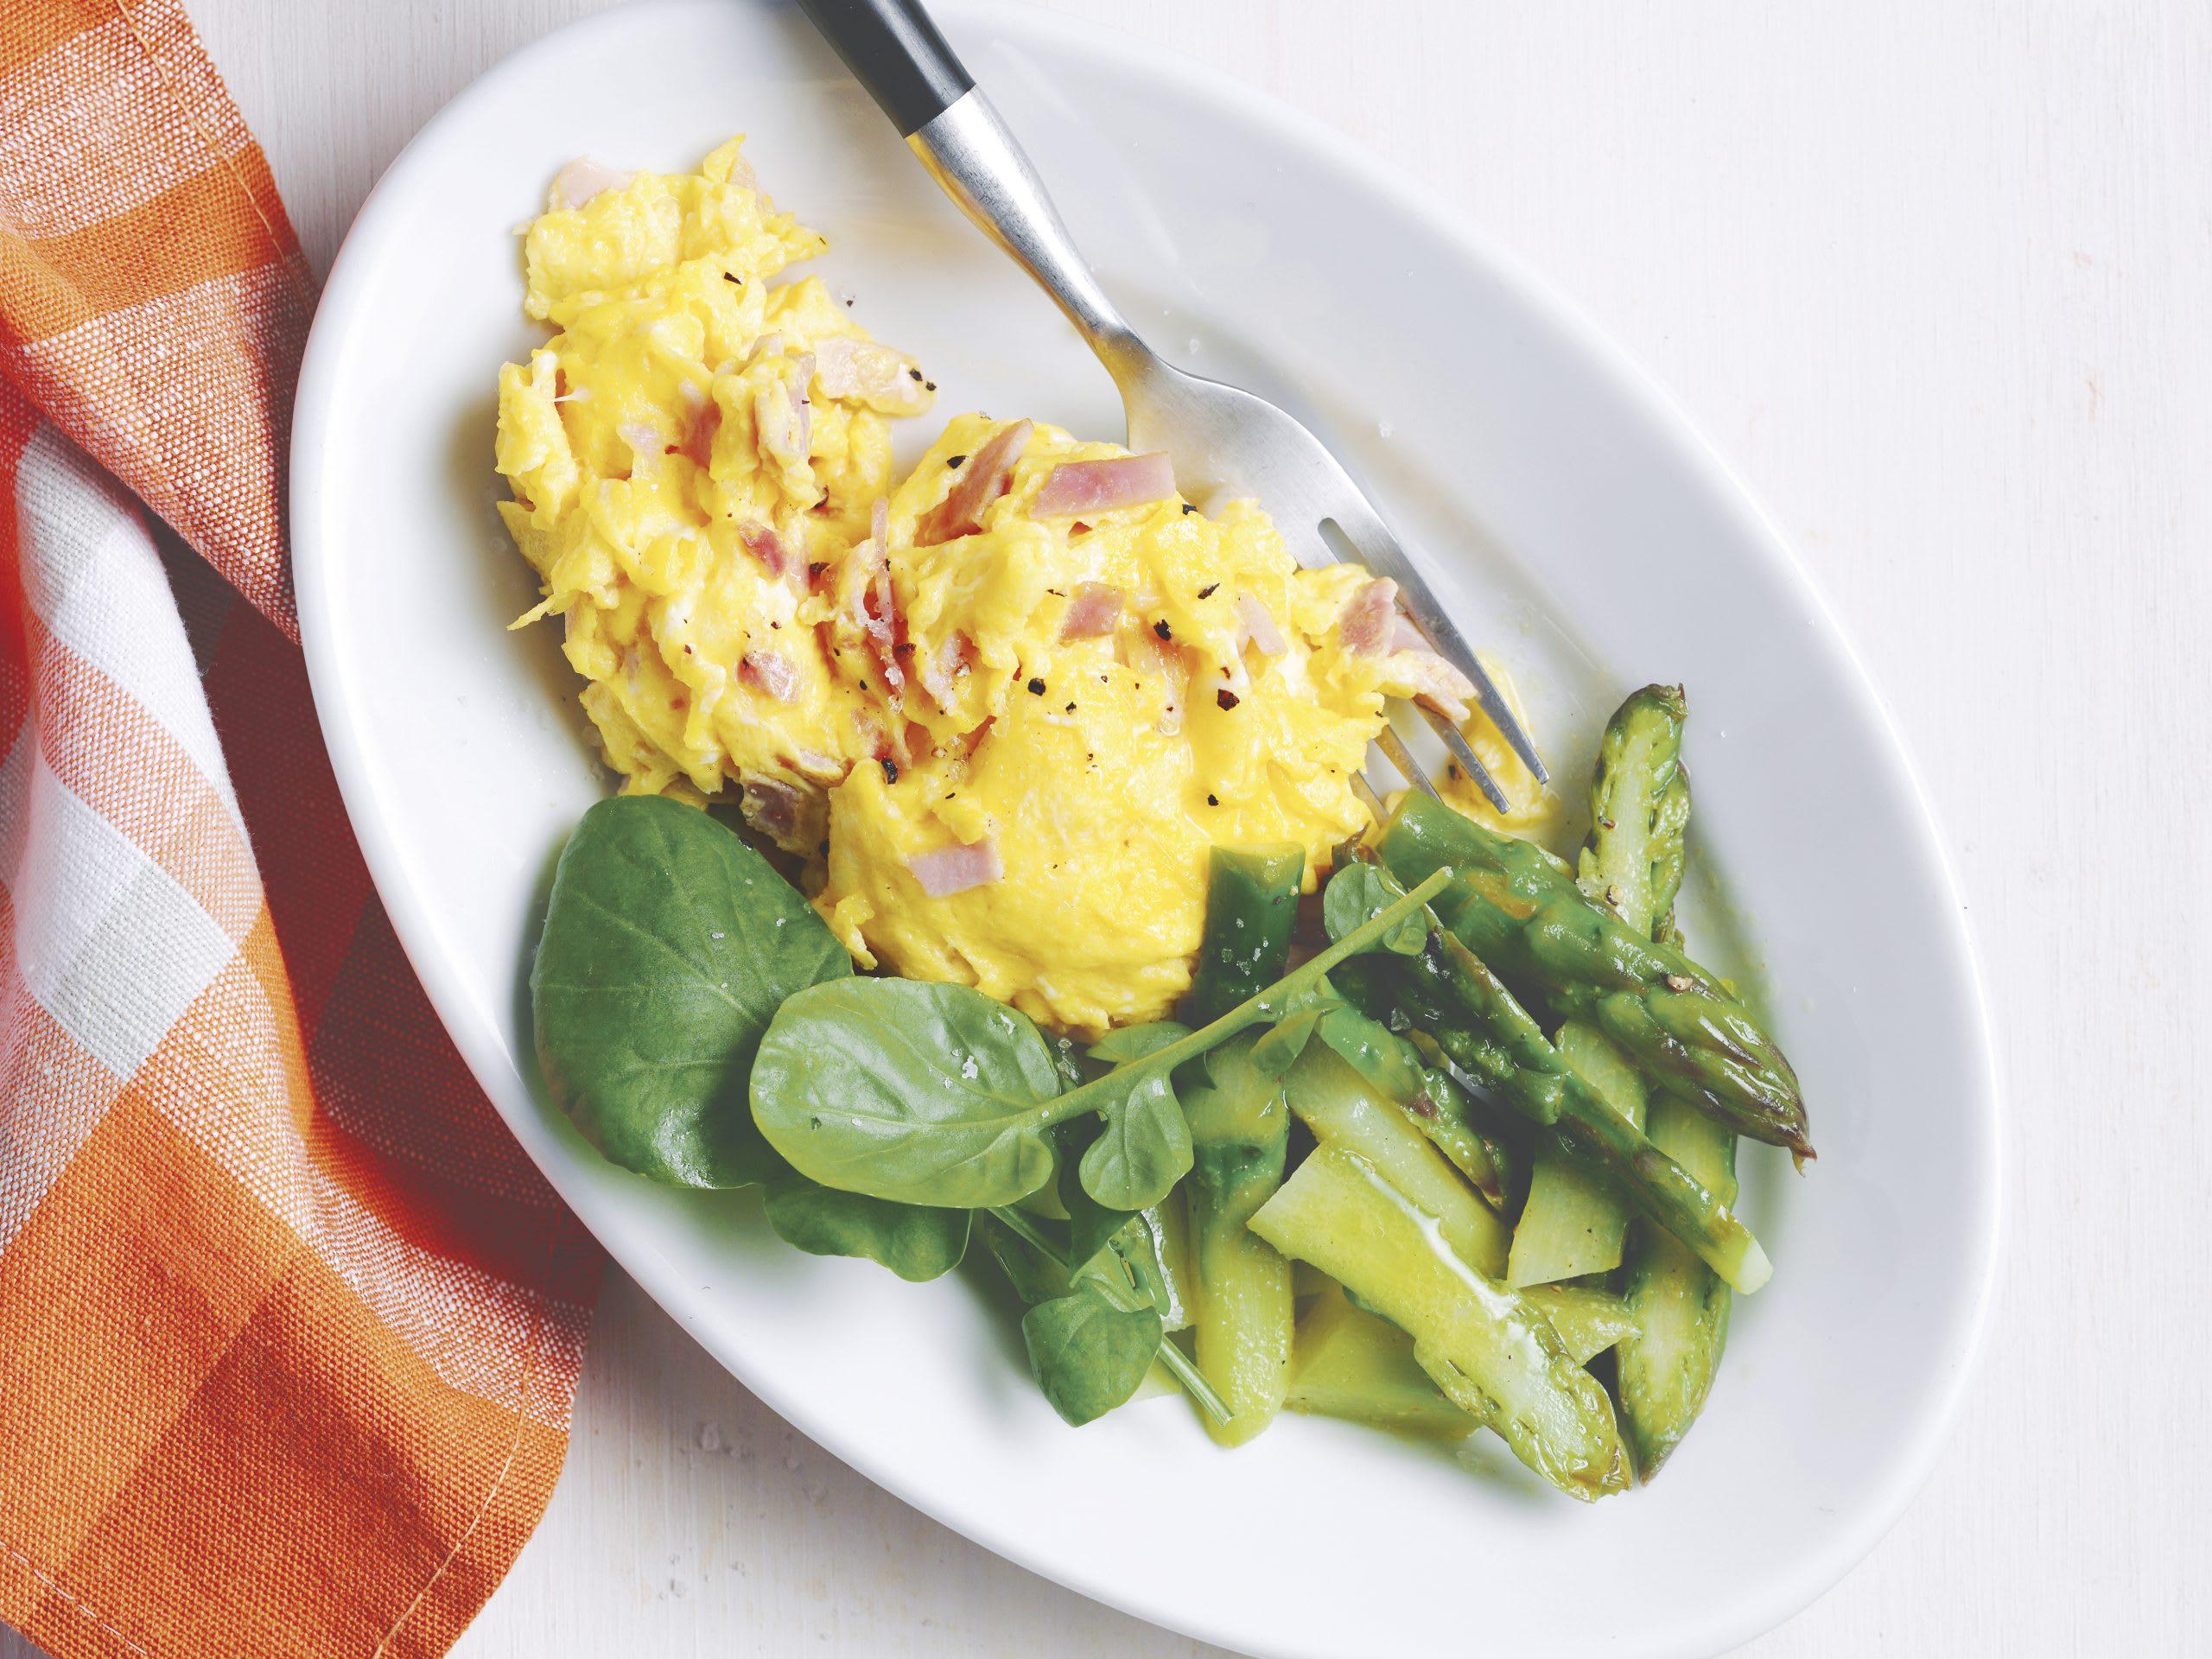 Oeufs brouillés au jambon et salade d'asperges (low carb)